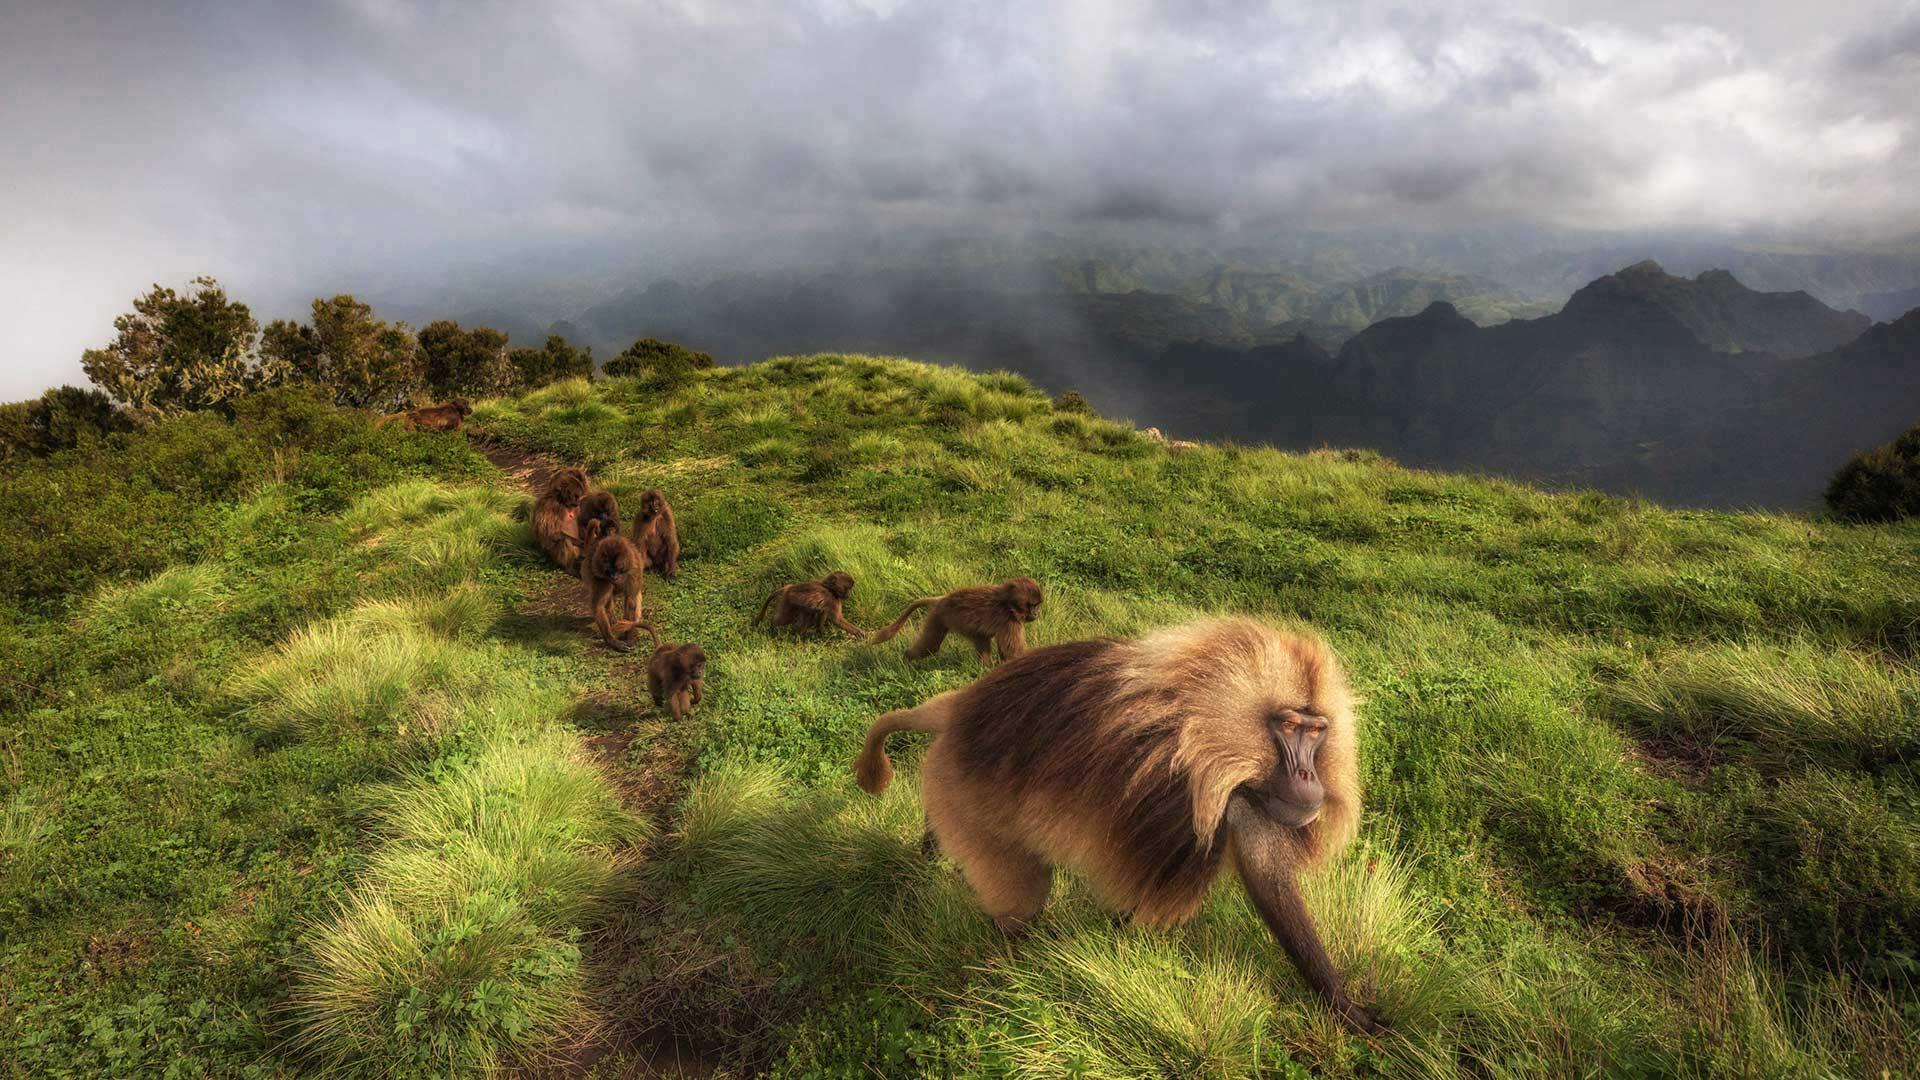 瑟门山国家公园里的狮尾狒狒狮尾狒狒